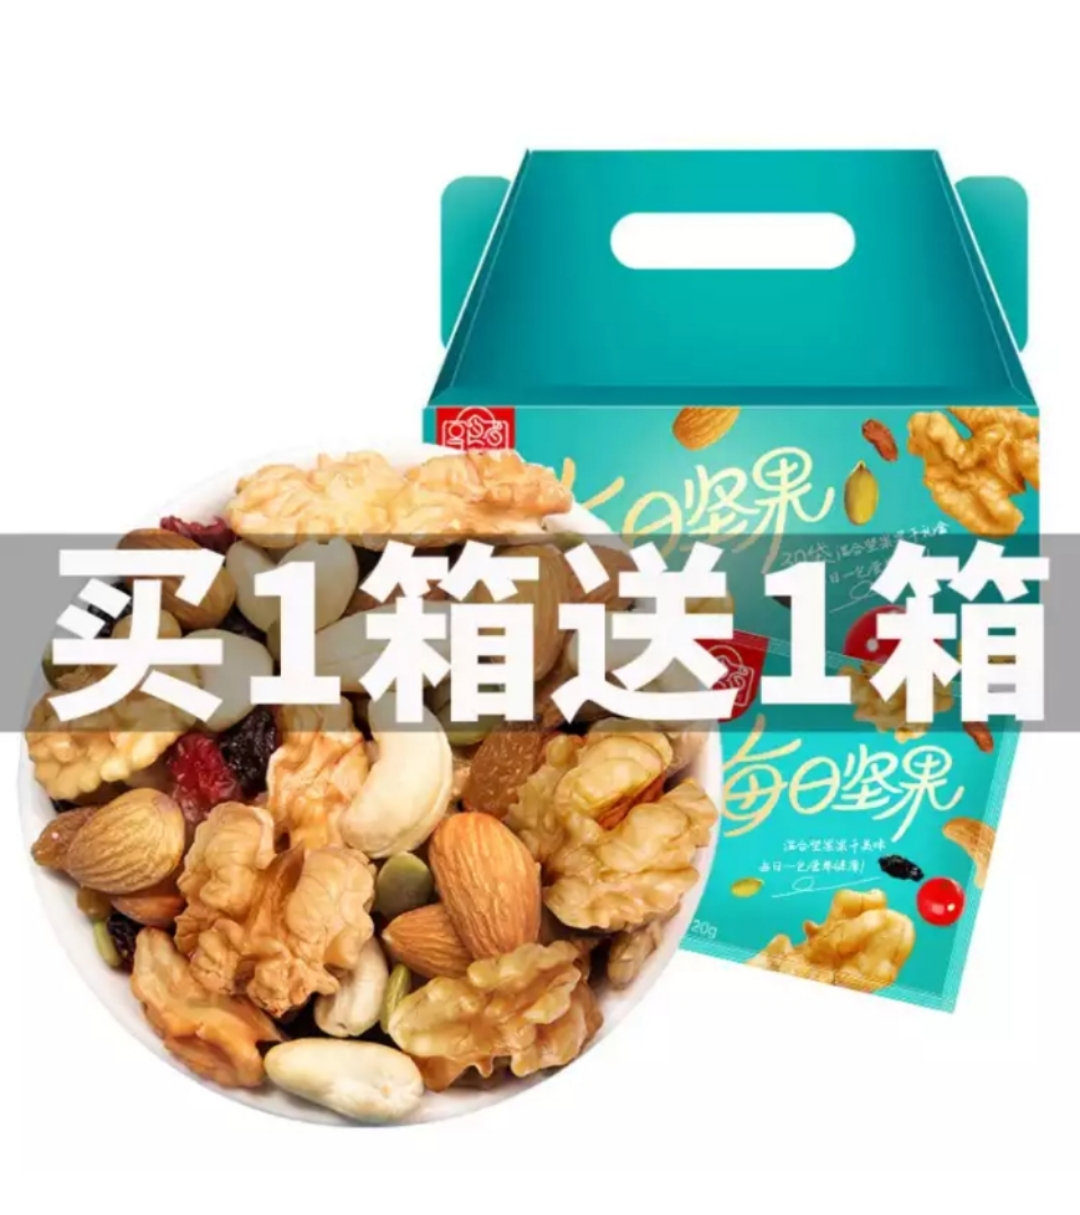 三只松鼠同款享食者每日坚果30包箱混合装大礼包小孩孕妇零食礼盒